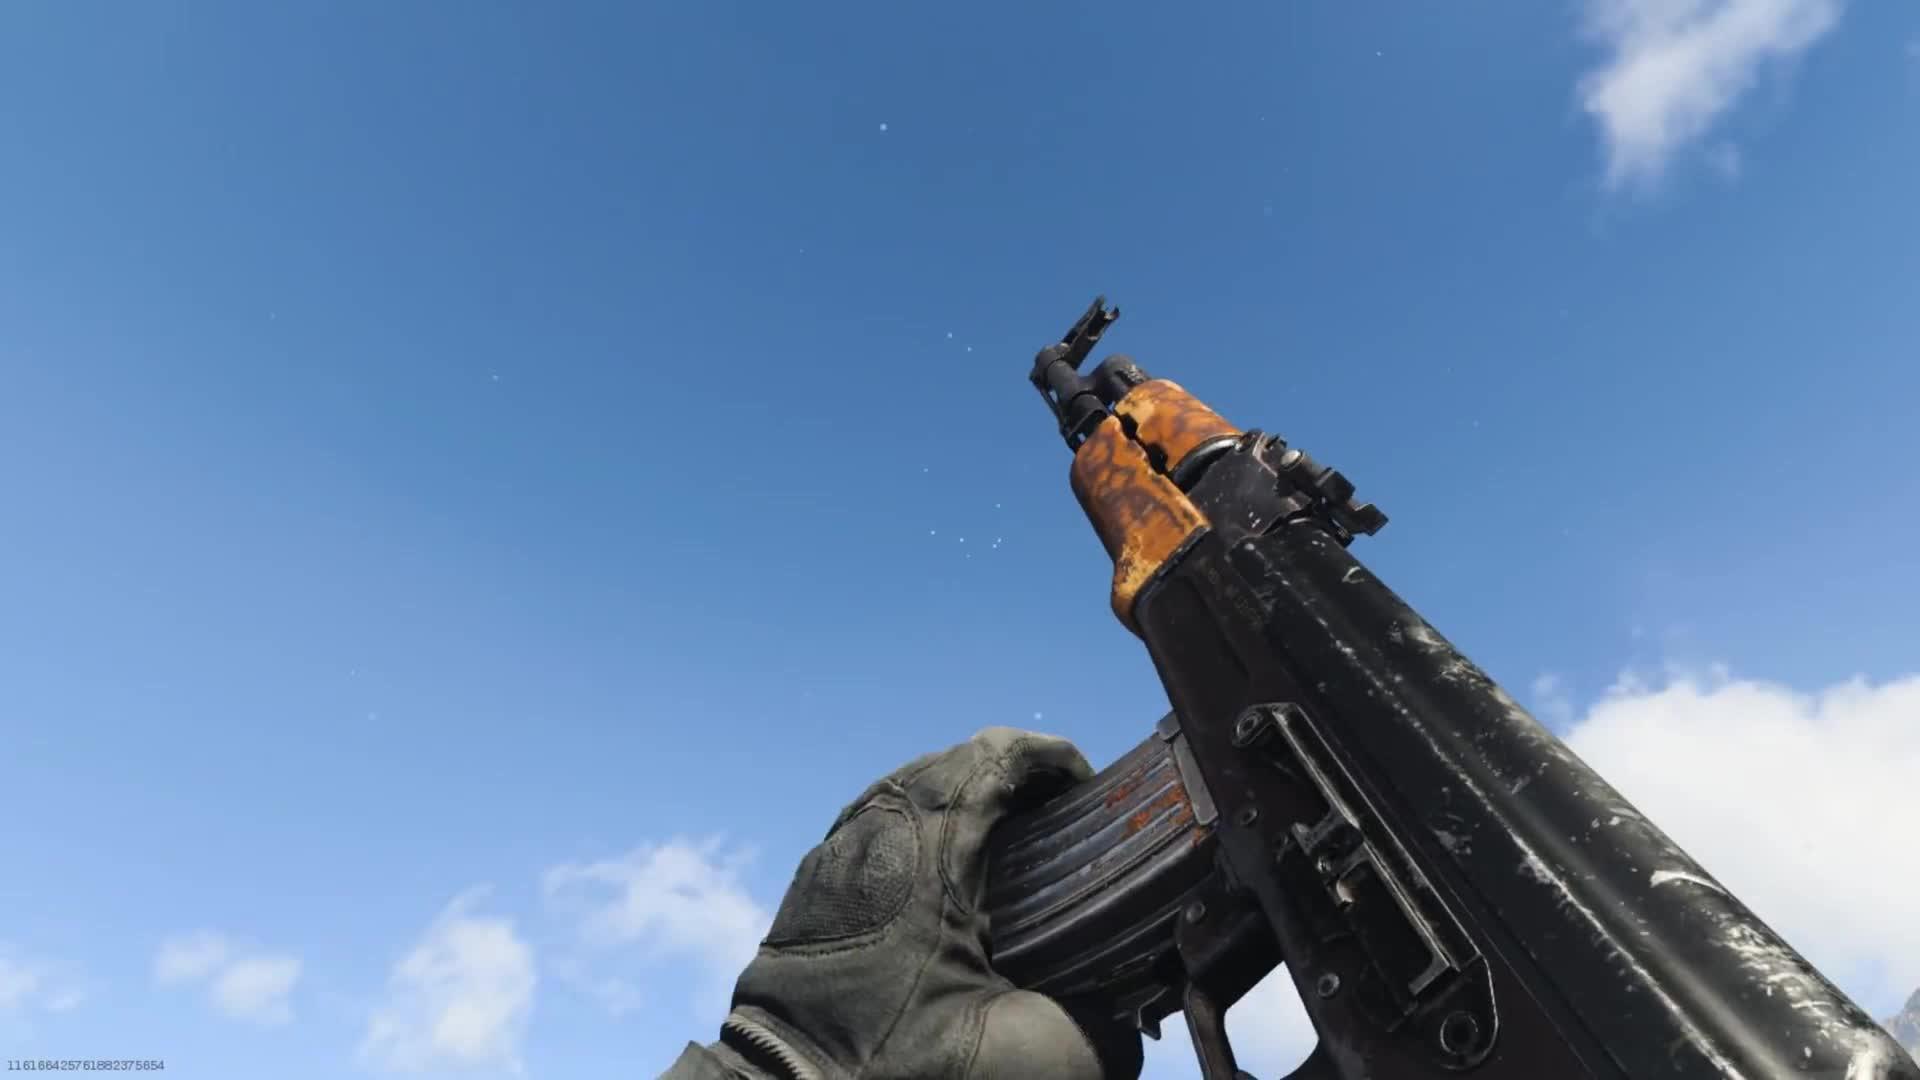 游戏里的手枪、步枪、冲锋枪射击演示,不管是画面声音,都很真实